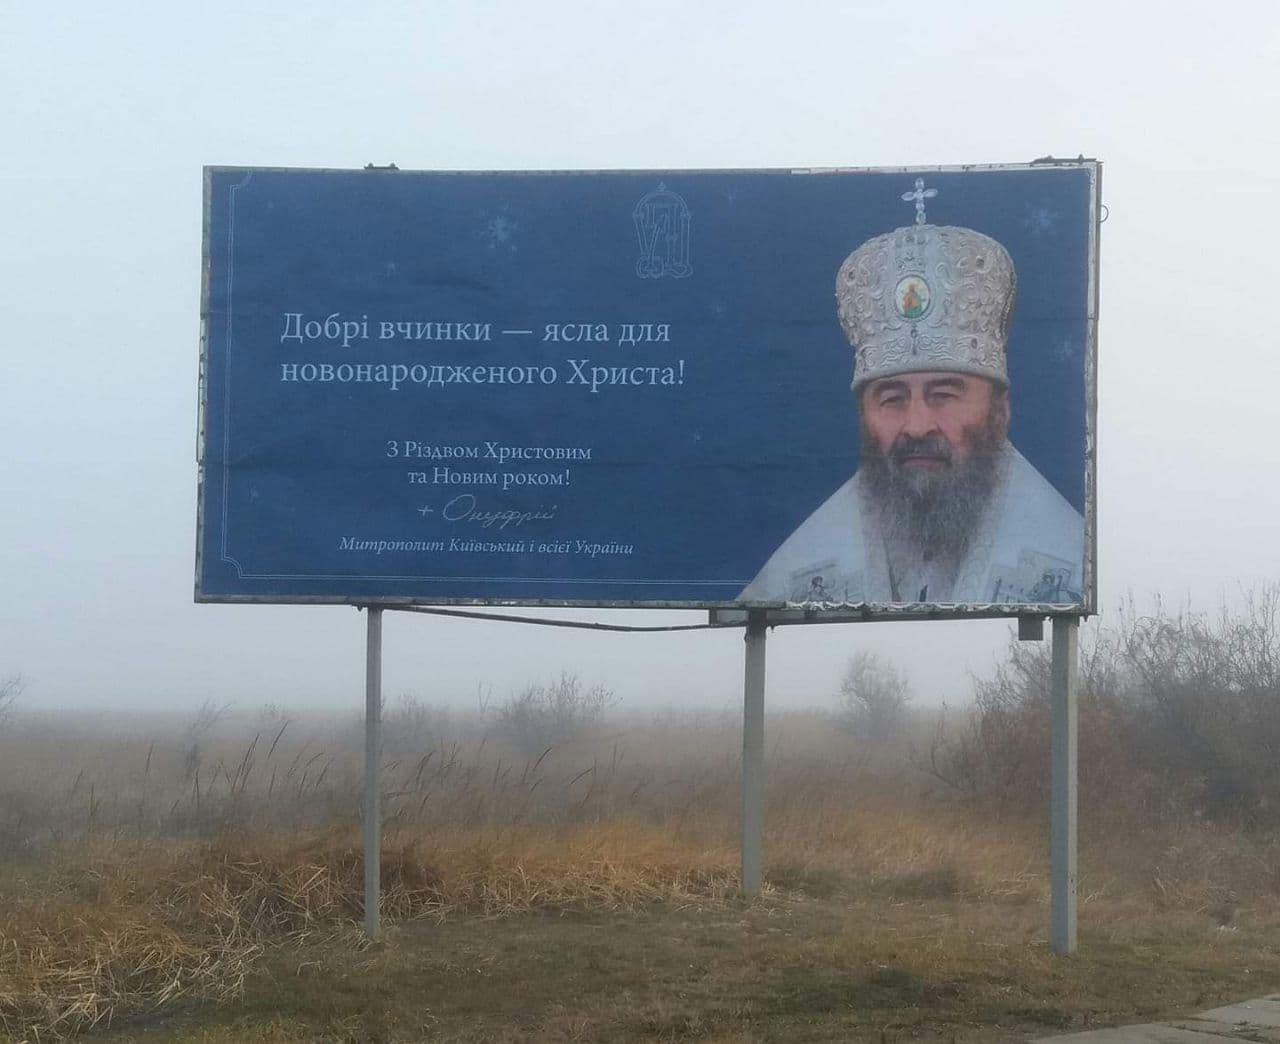 На вулицях з'явилися білборди з очільником РПЦ в Україні Онуфрієм